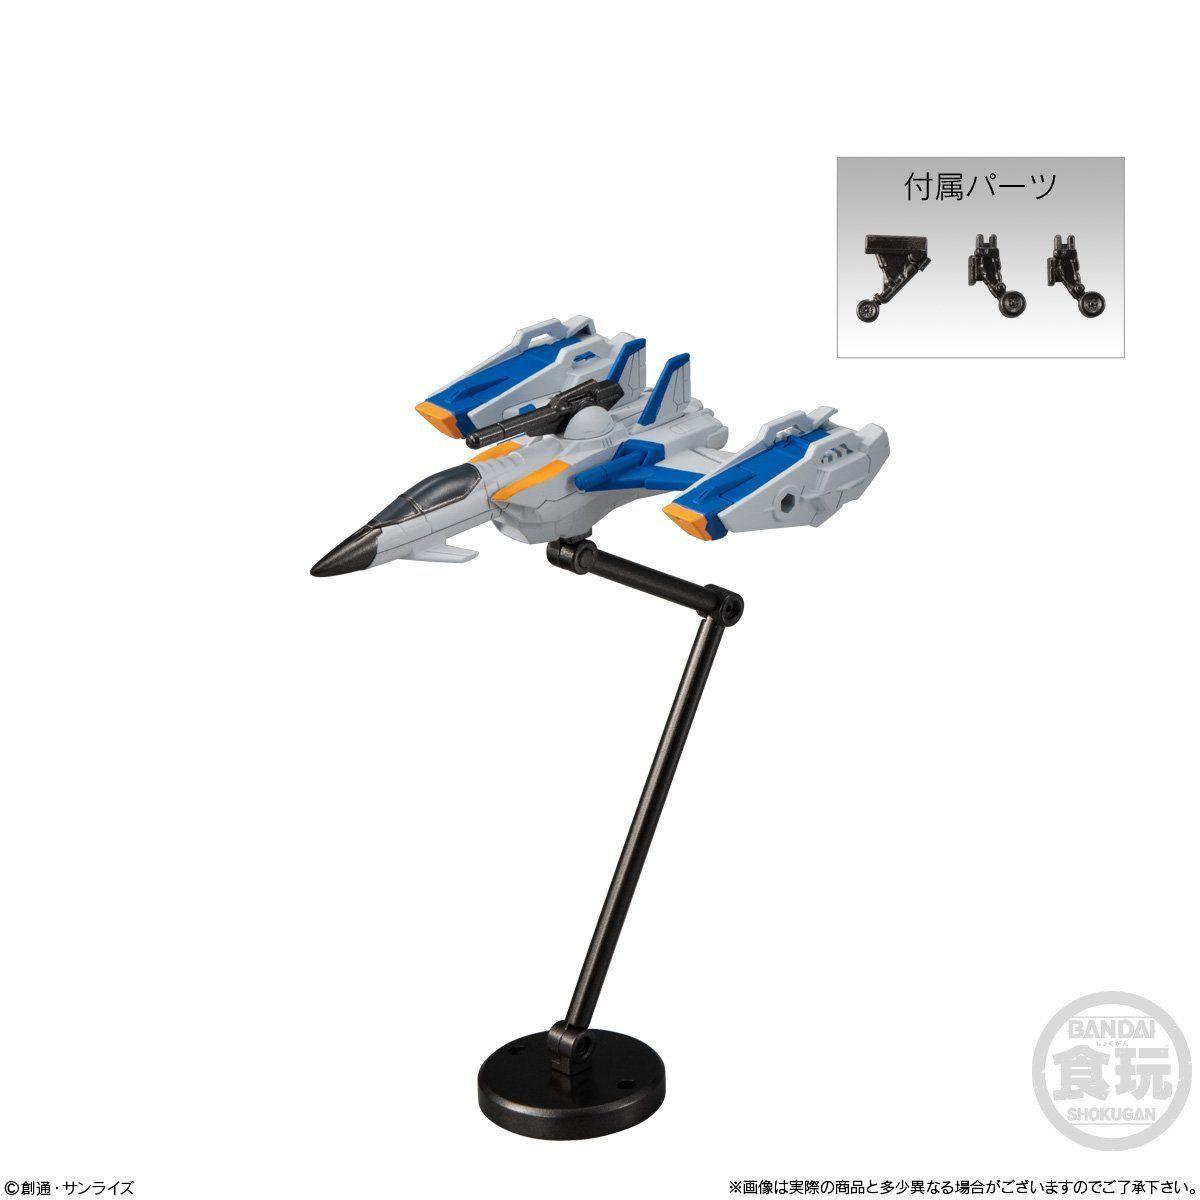 【食玩】Gフレーム『EX03 パーフェクトストライクガンダム&スカイグラスパー』機動戦士ガンダムSEED 可動フィギュア-008